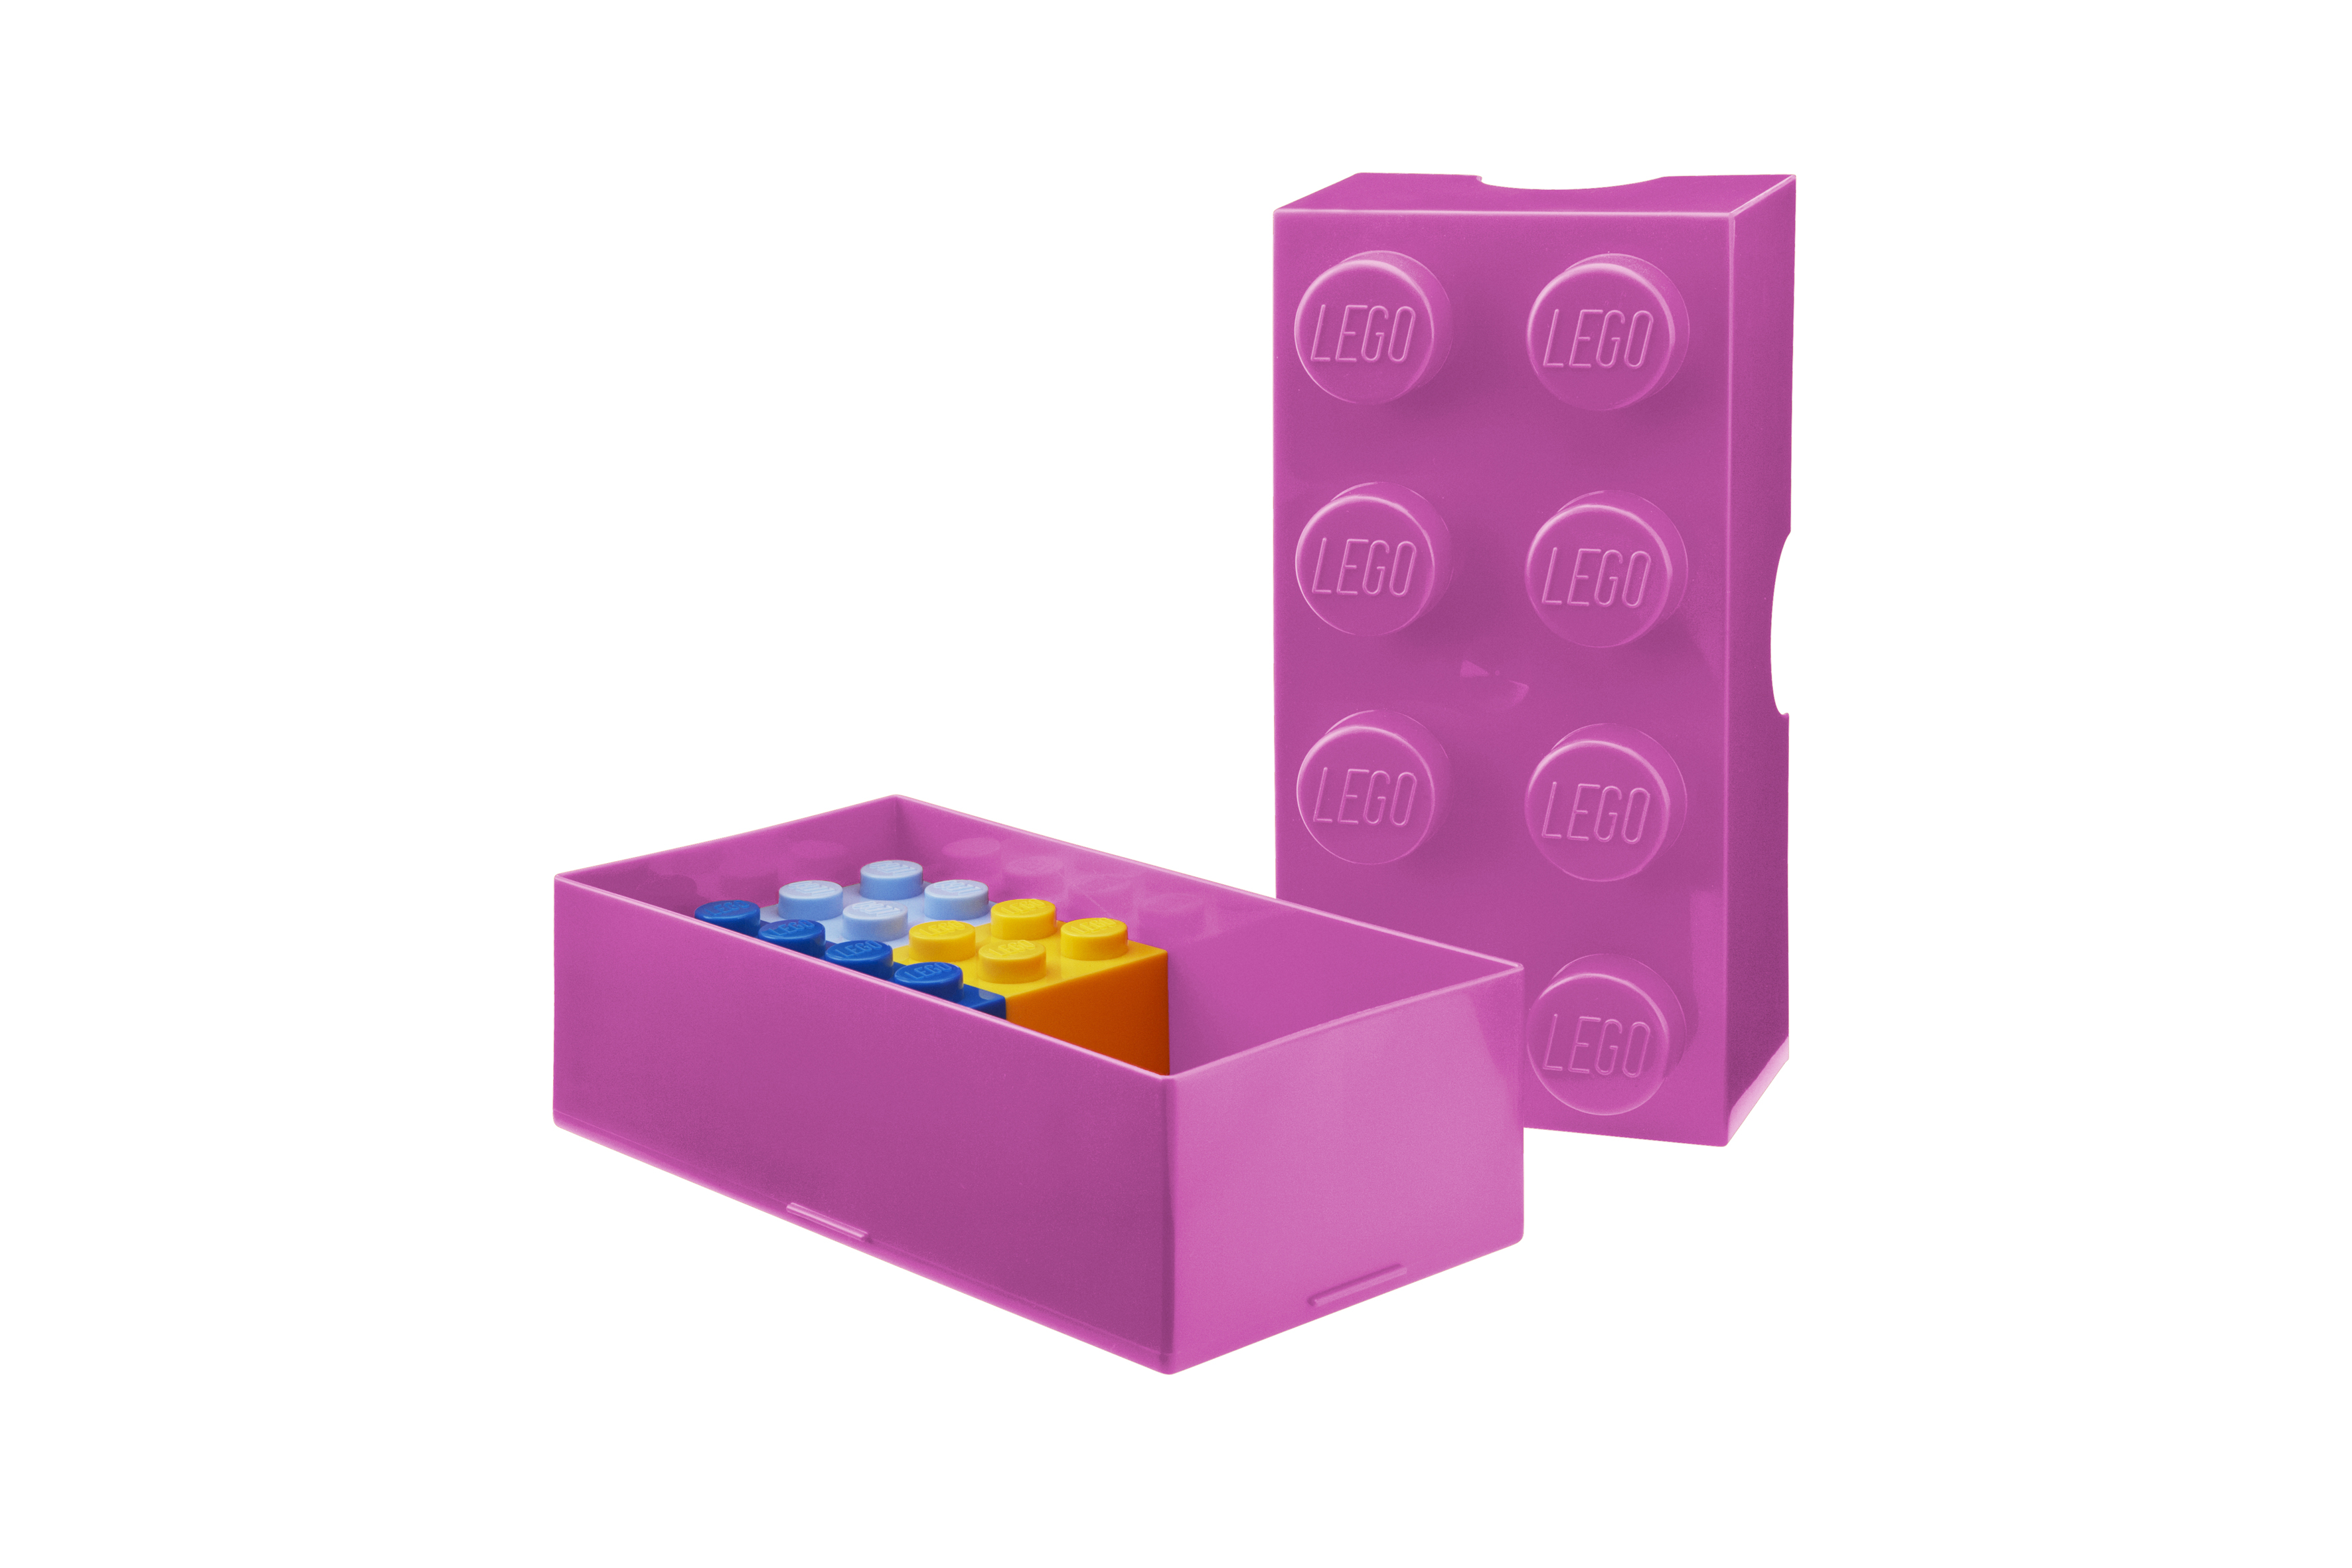 LEGO Lunch Box_bright purple_open e  mini boxes